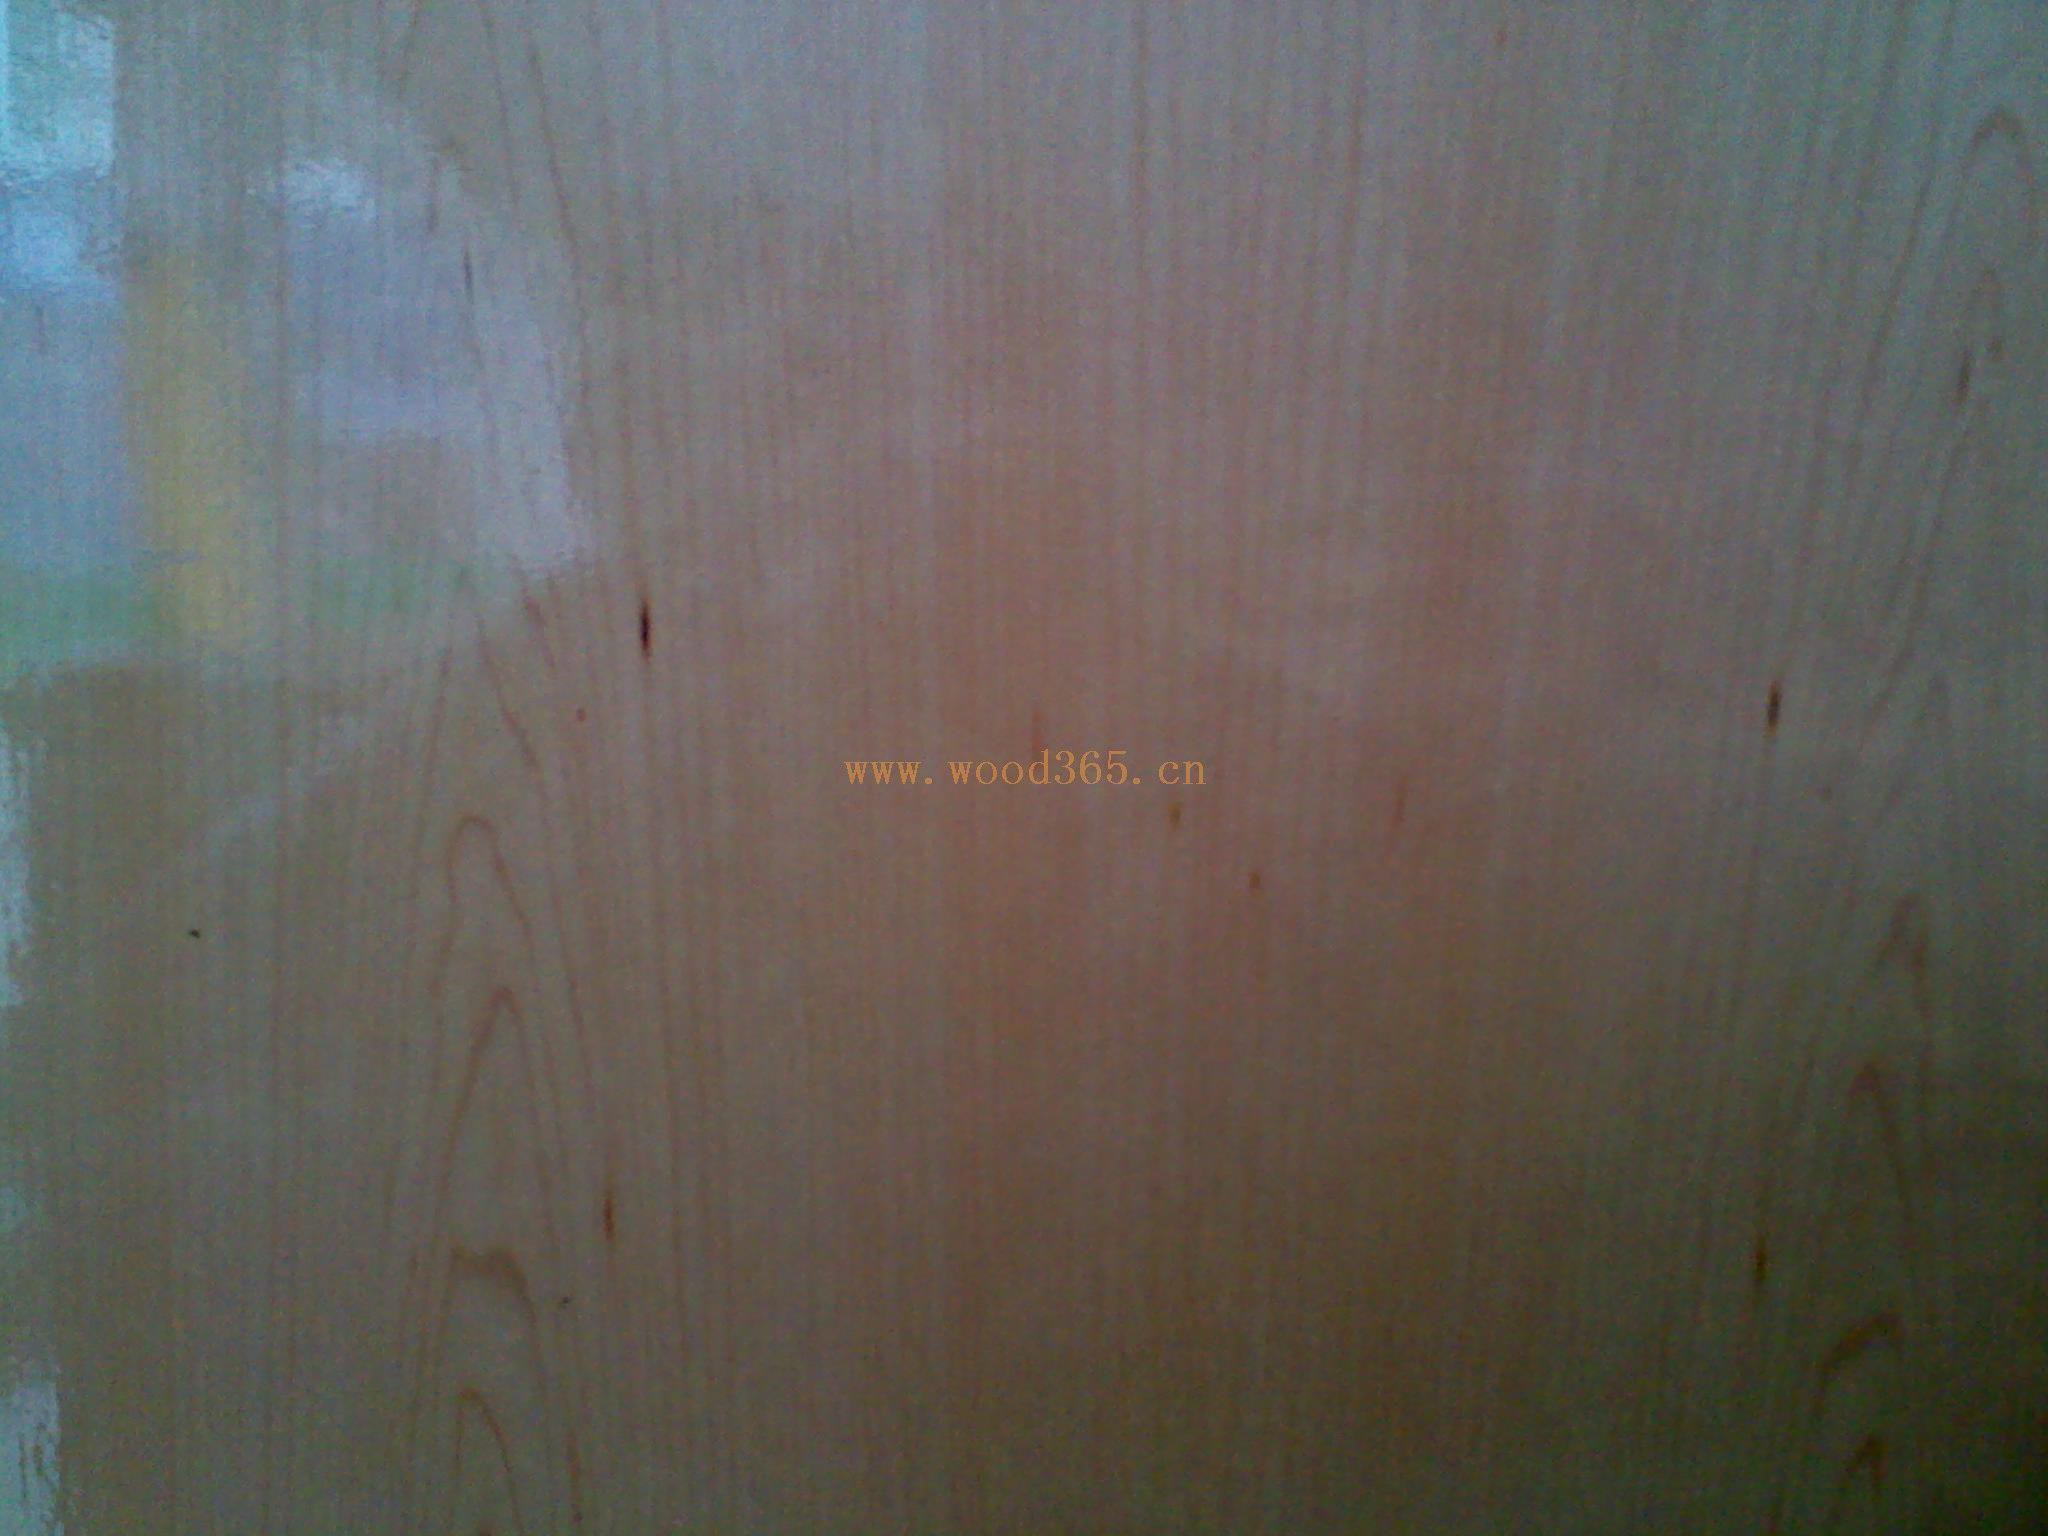 绿野天成木工板 面板 多层板 石膏板 五金,绿野天成